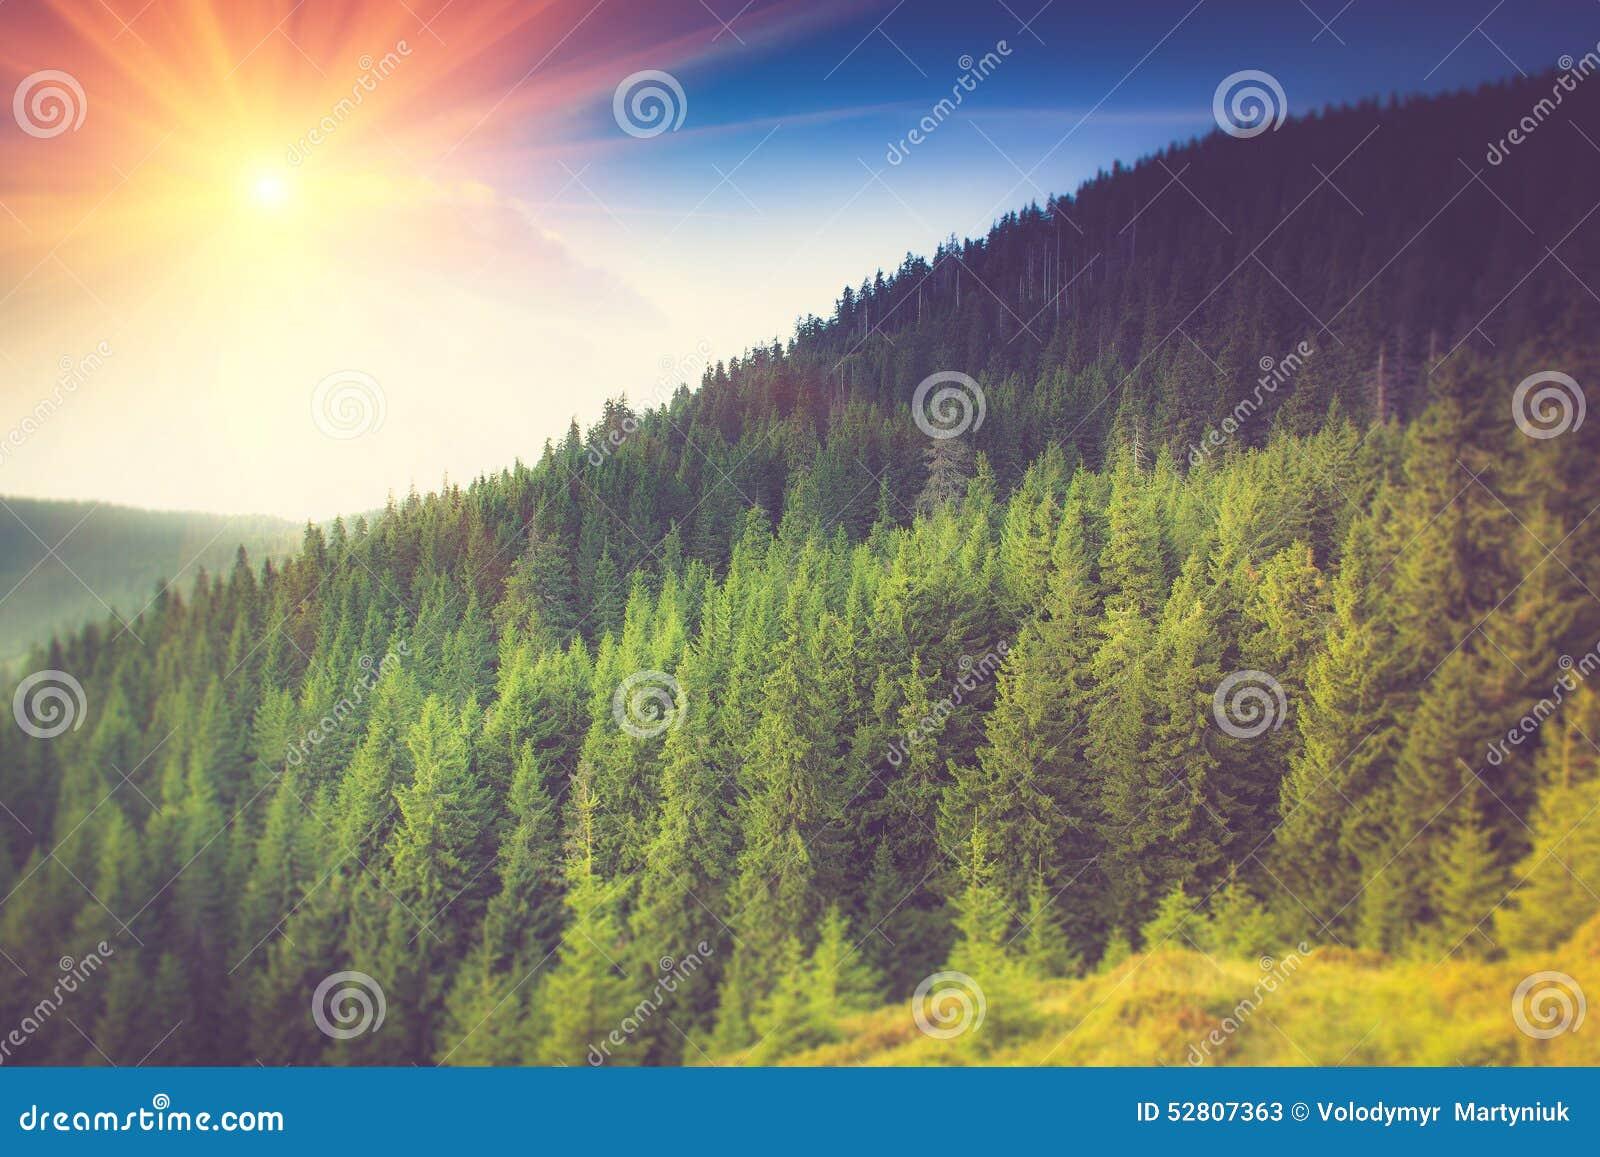 Paisaje del bosque de la montaña debajo del cielo de la tarde con las nubes